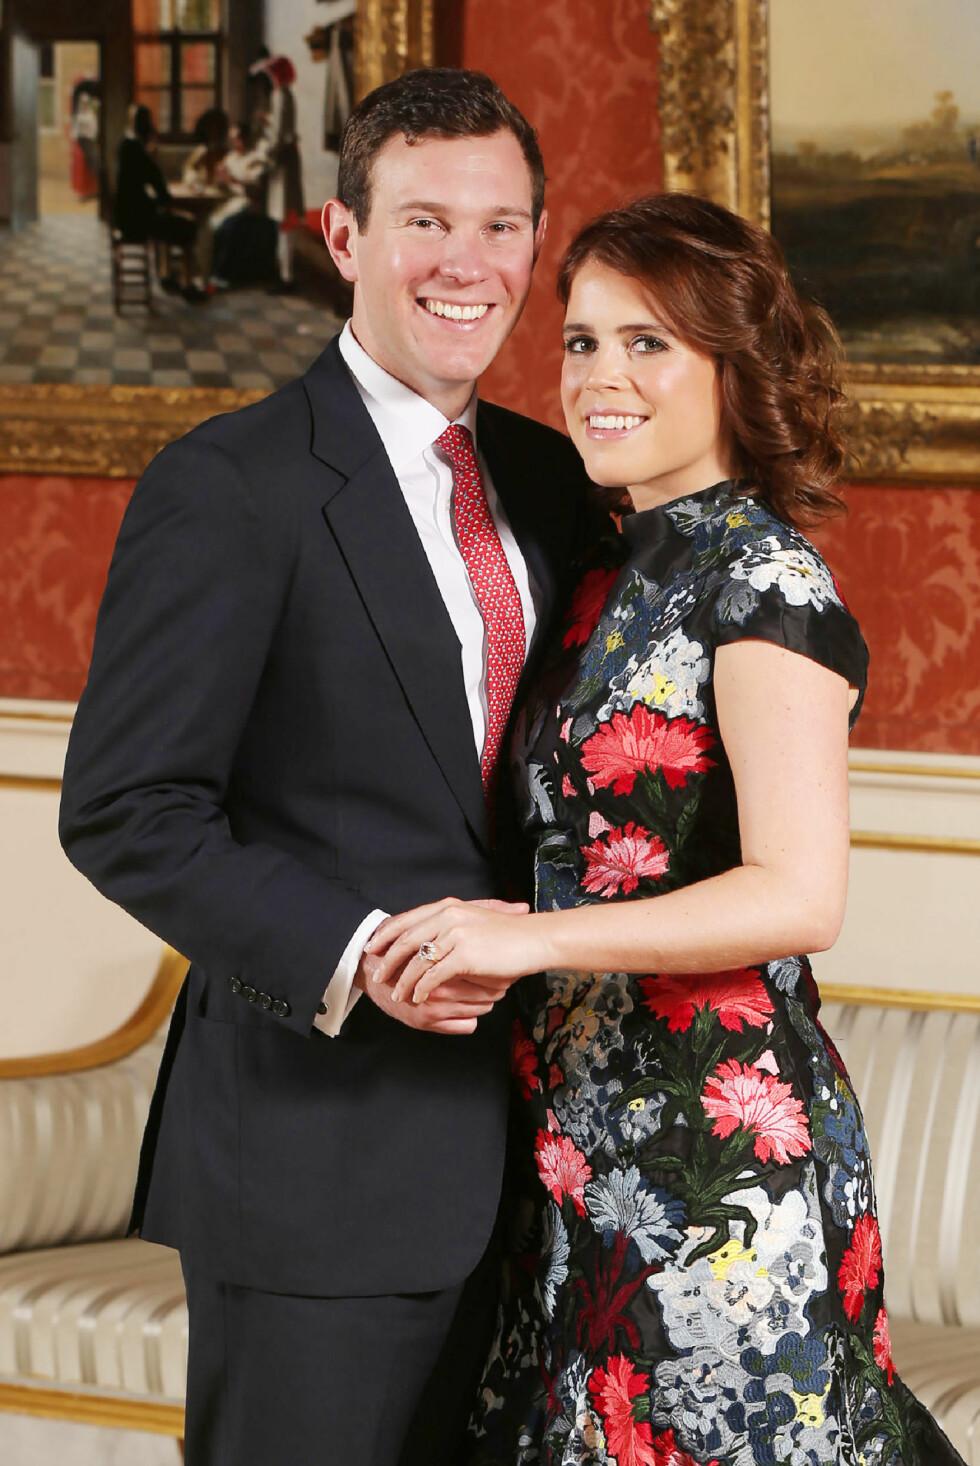 FORLOVET: Til høsten blir det bryllup mellom prinsesse Eugenie og kjæresten Jack. Foto: NTB Scanpix